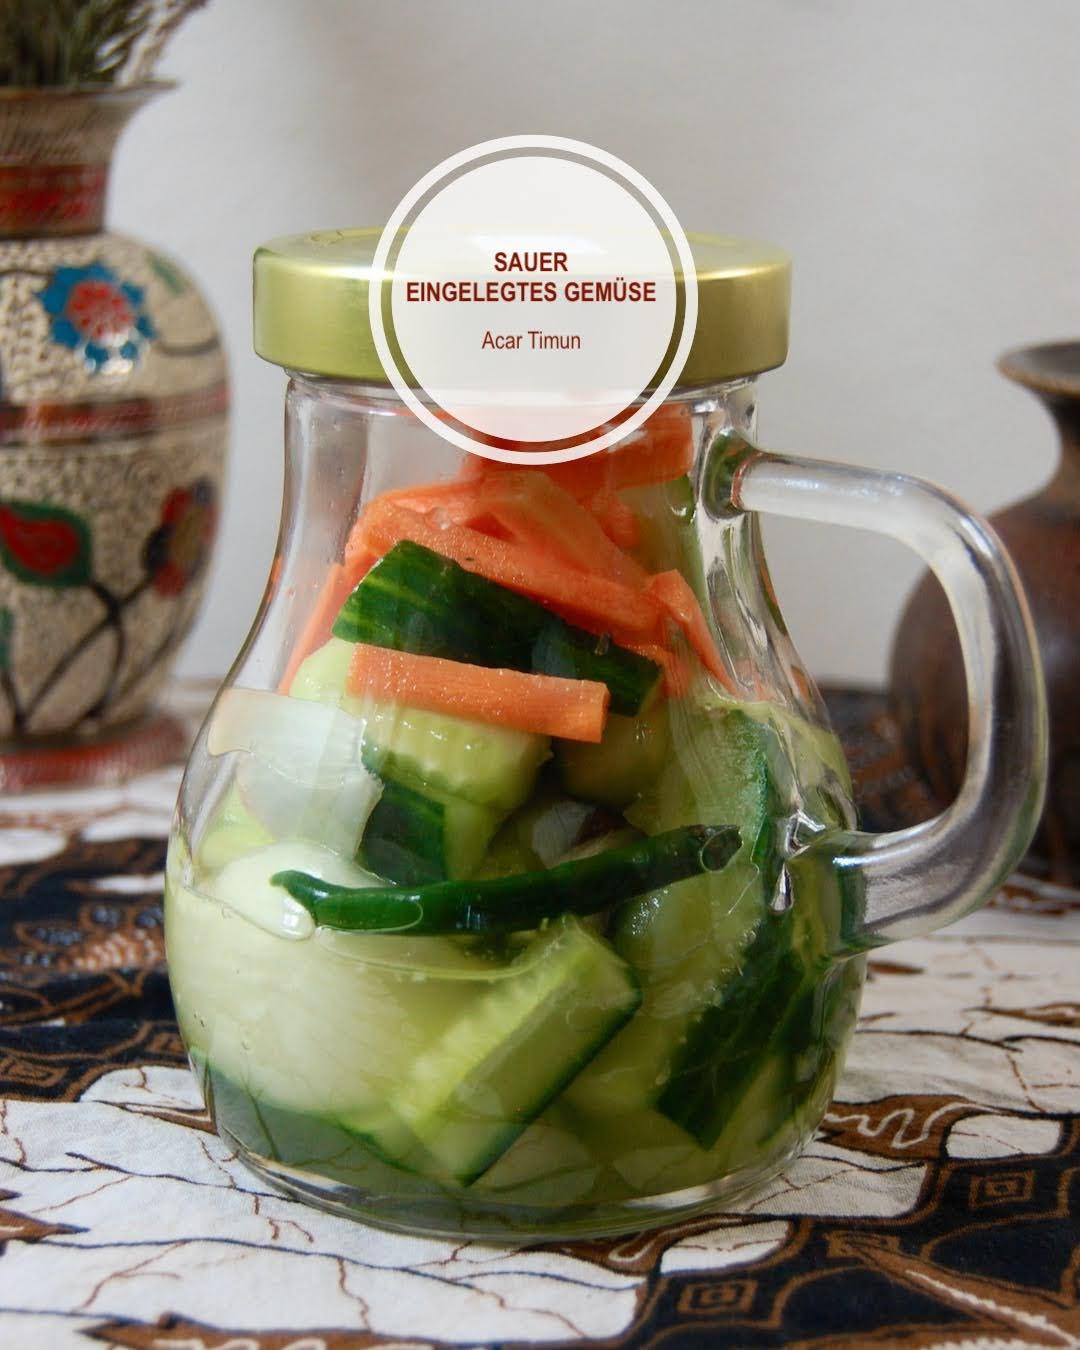 Sauer Eingelegtes Gemüse (Acar Timun)